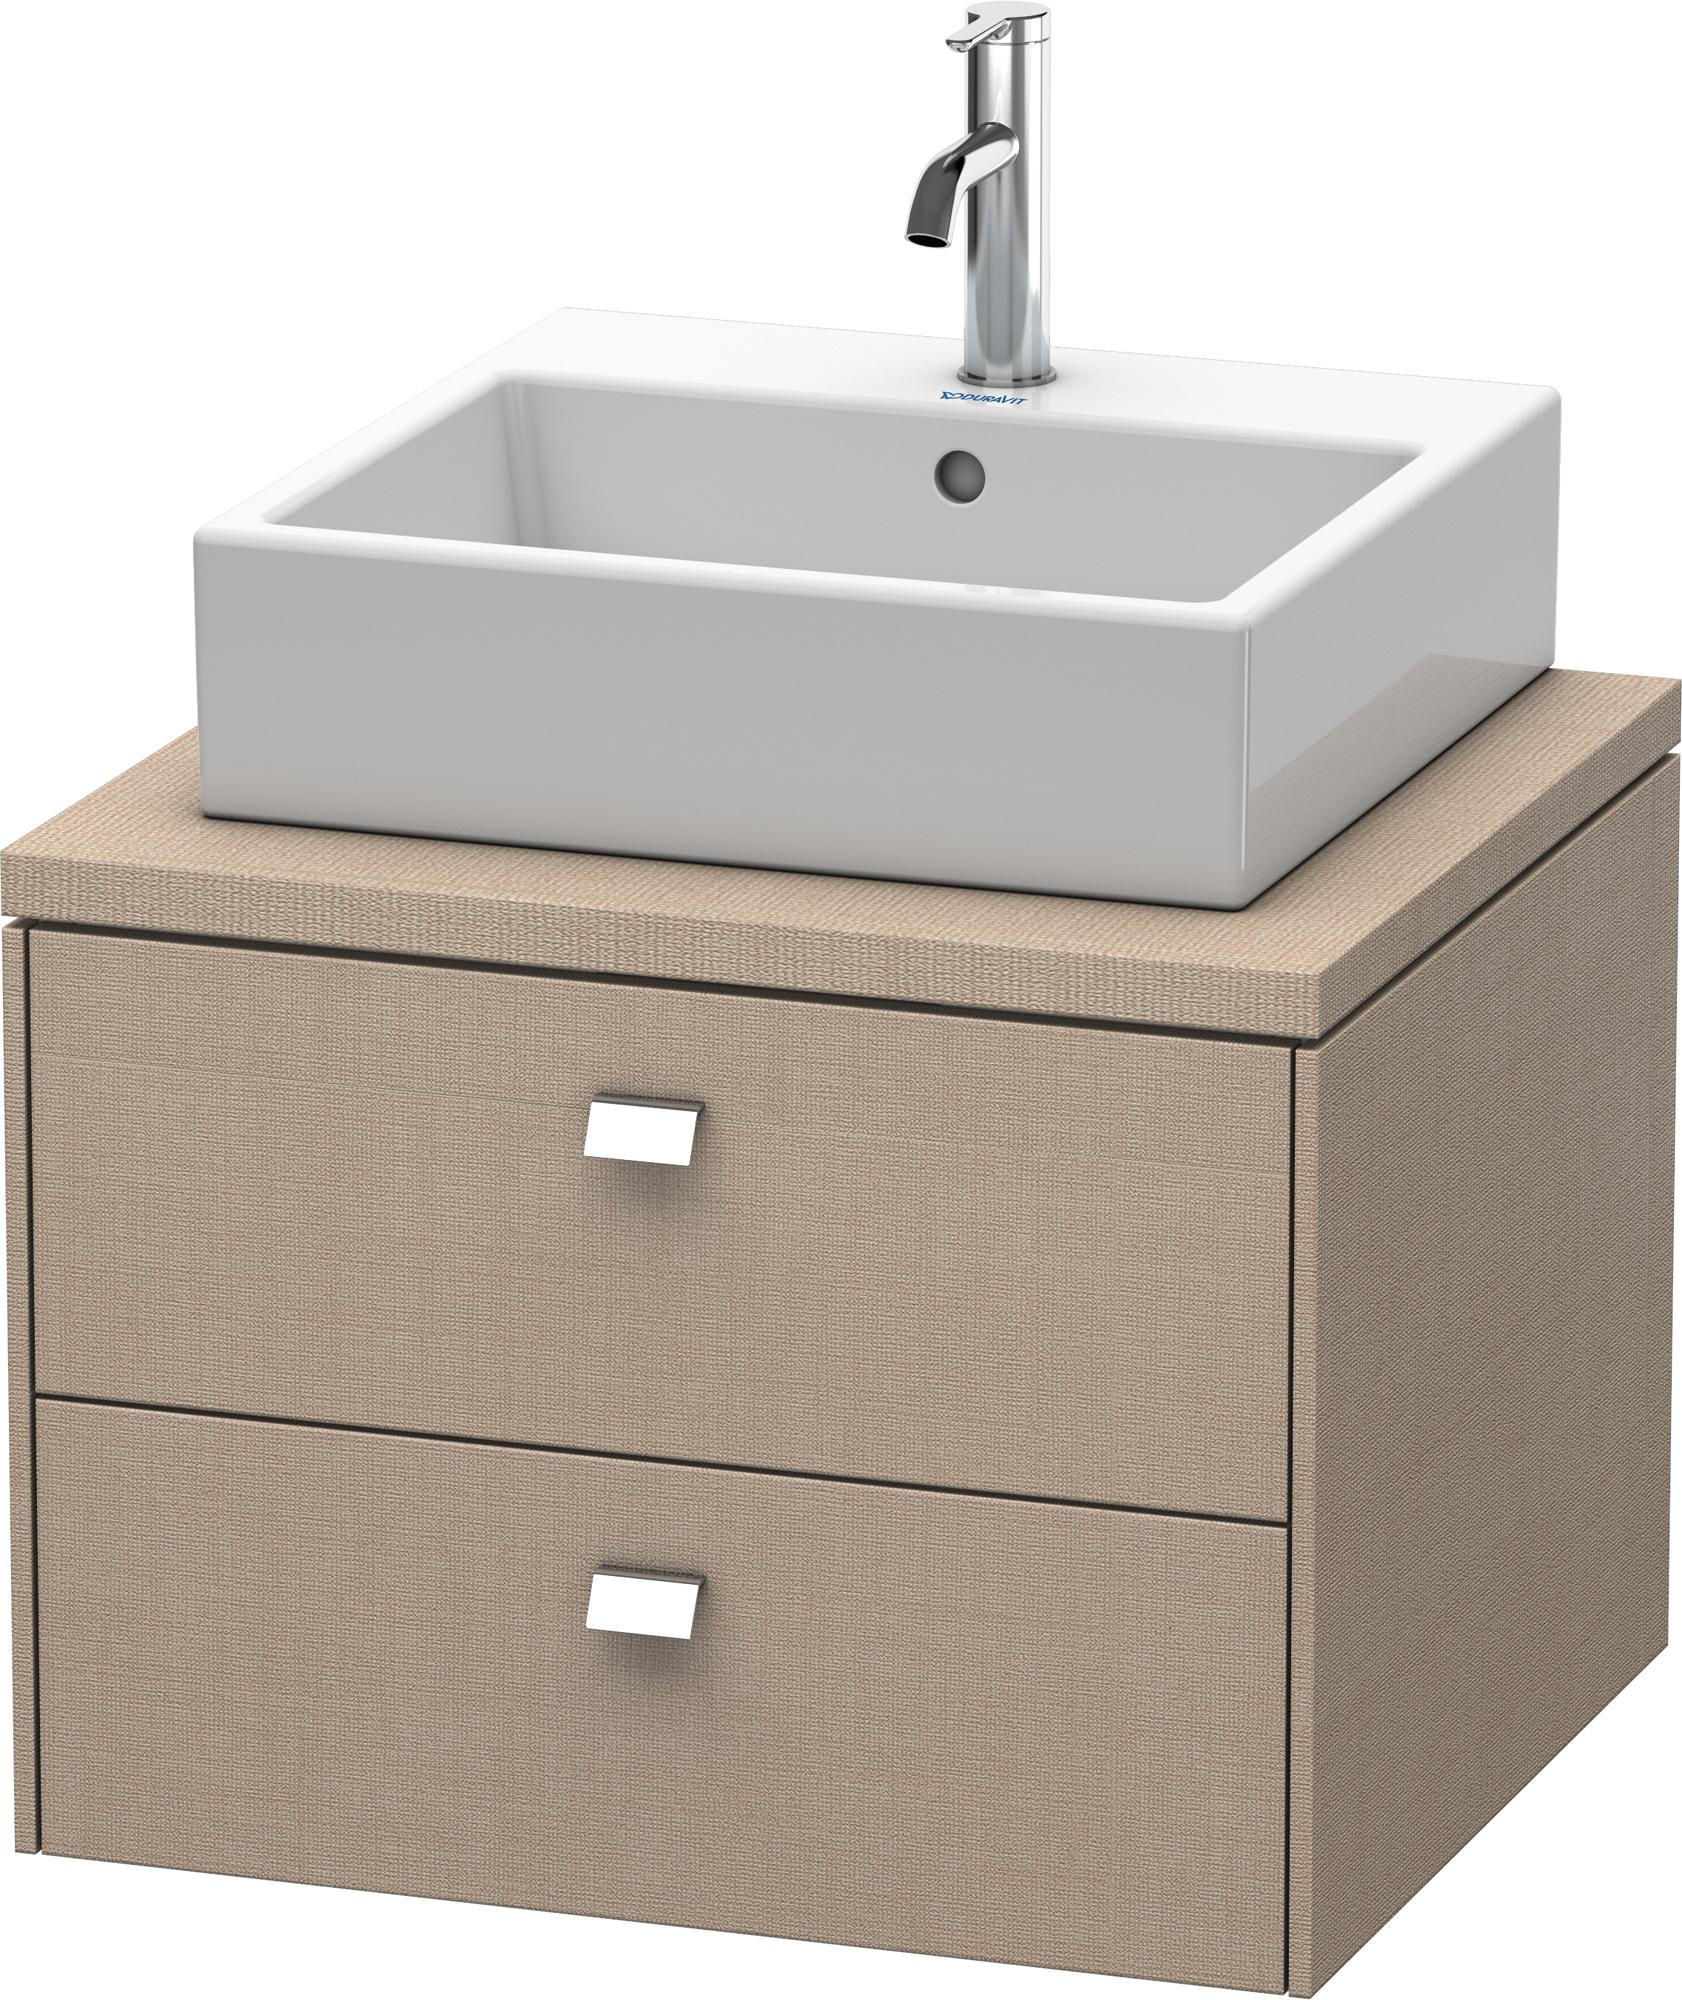 duravit brioso meuble bas pour plan de toilette 620 avec. Black Bedroom Furniture Sets. Home Design Ideas